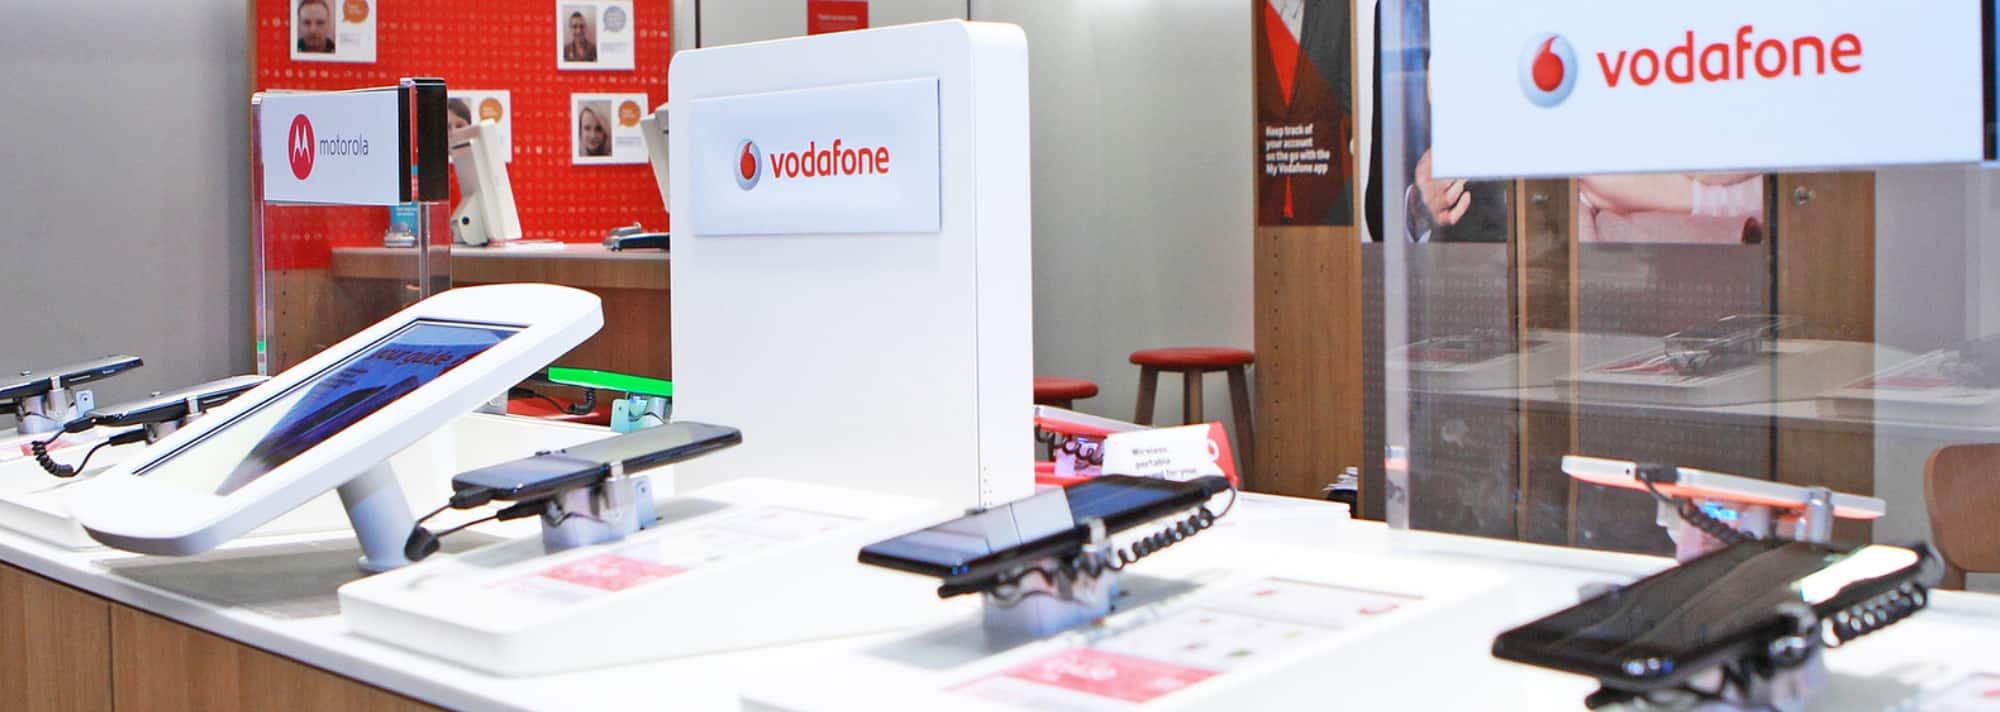 Vodafone Dresden Störung